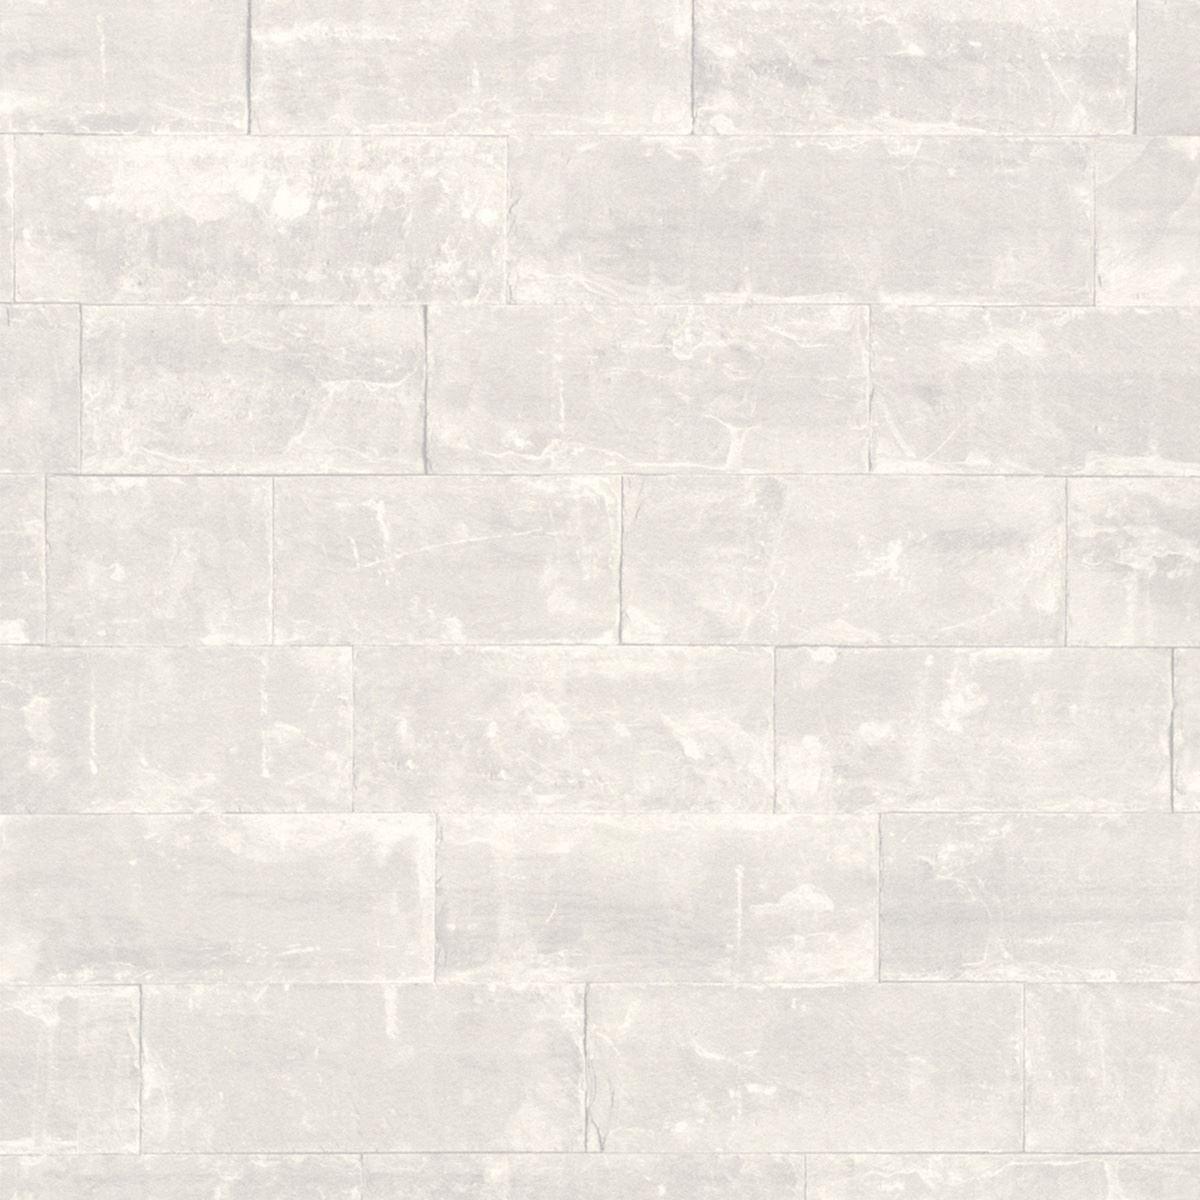 Bianco carta da parati effetto mattoni 5 stili for Carta da parati effetto 3d